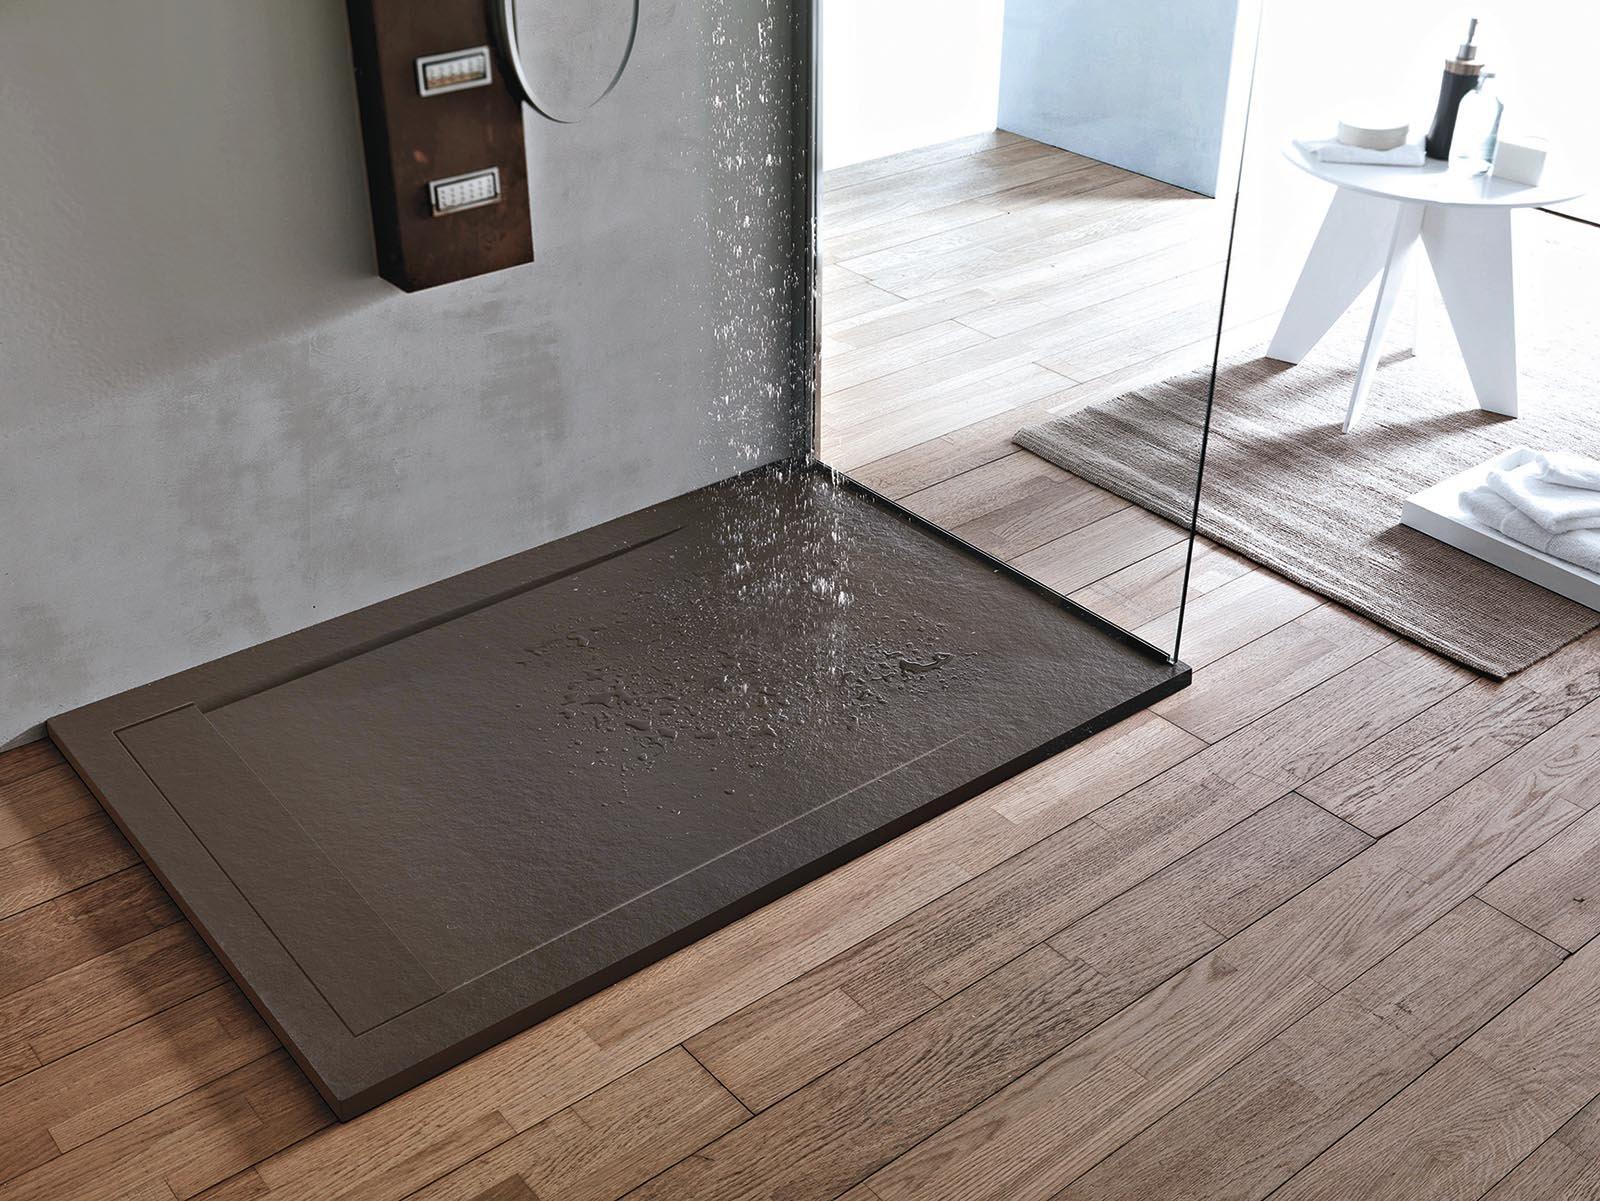 Piatti doccia colorati cose di casa - Piatto doccia con piastrelle ...